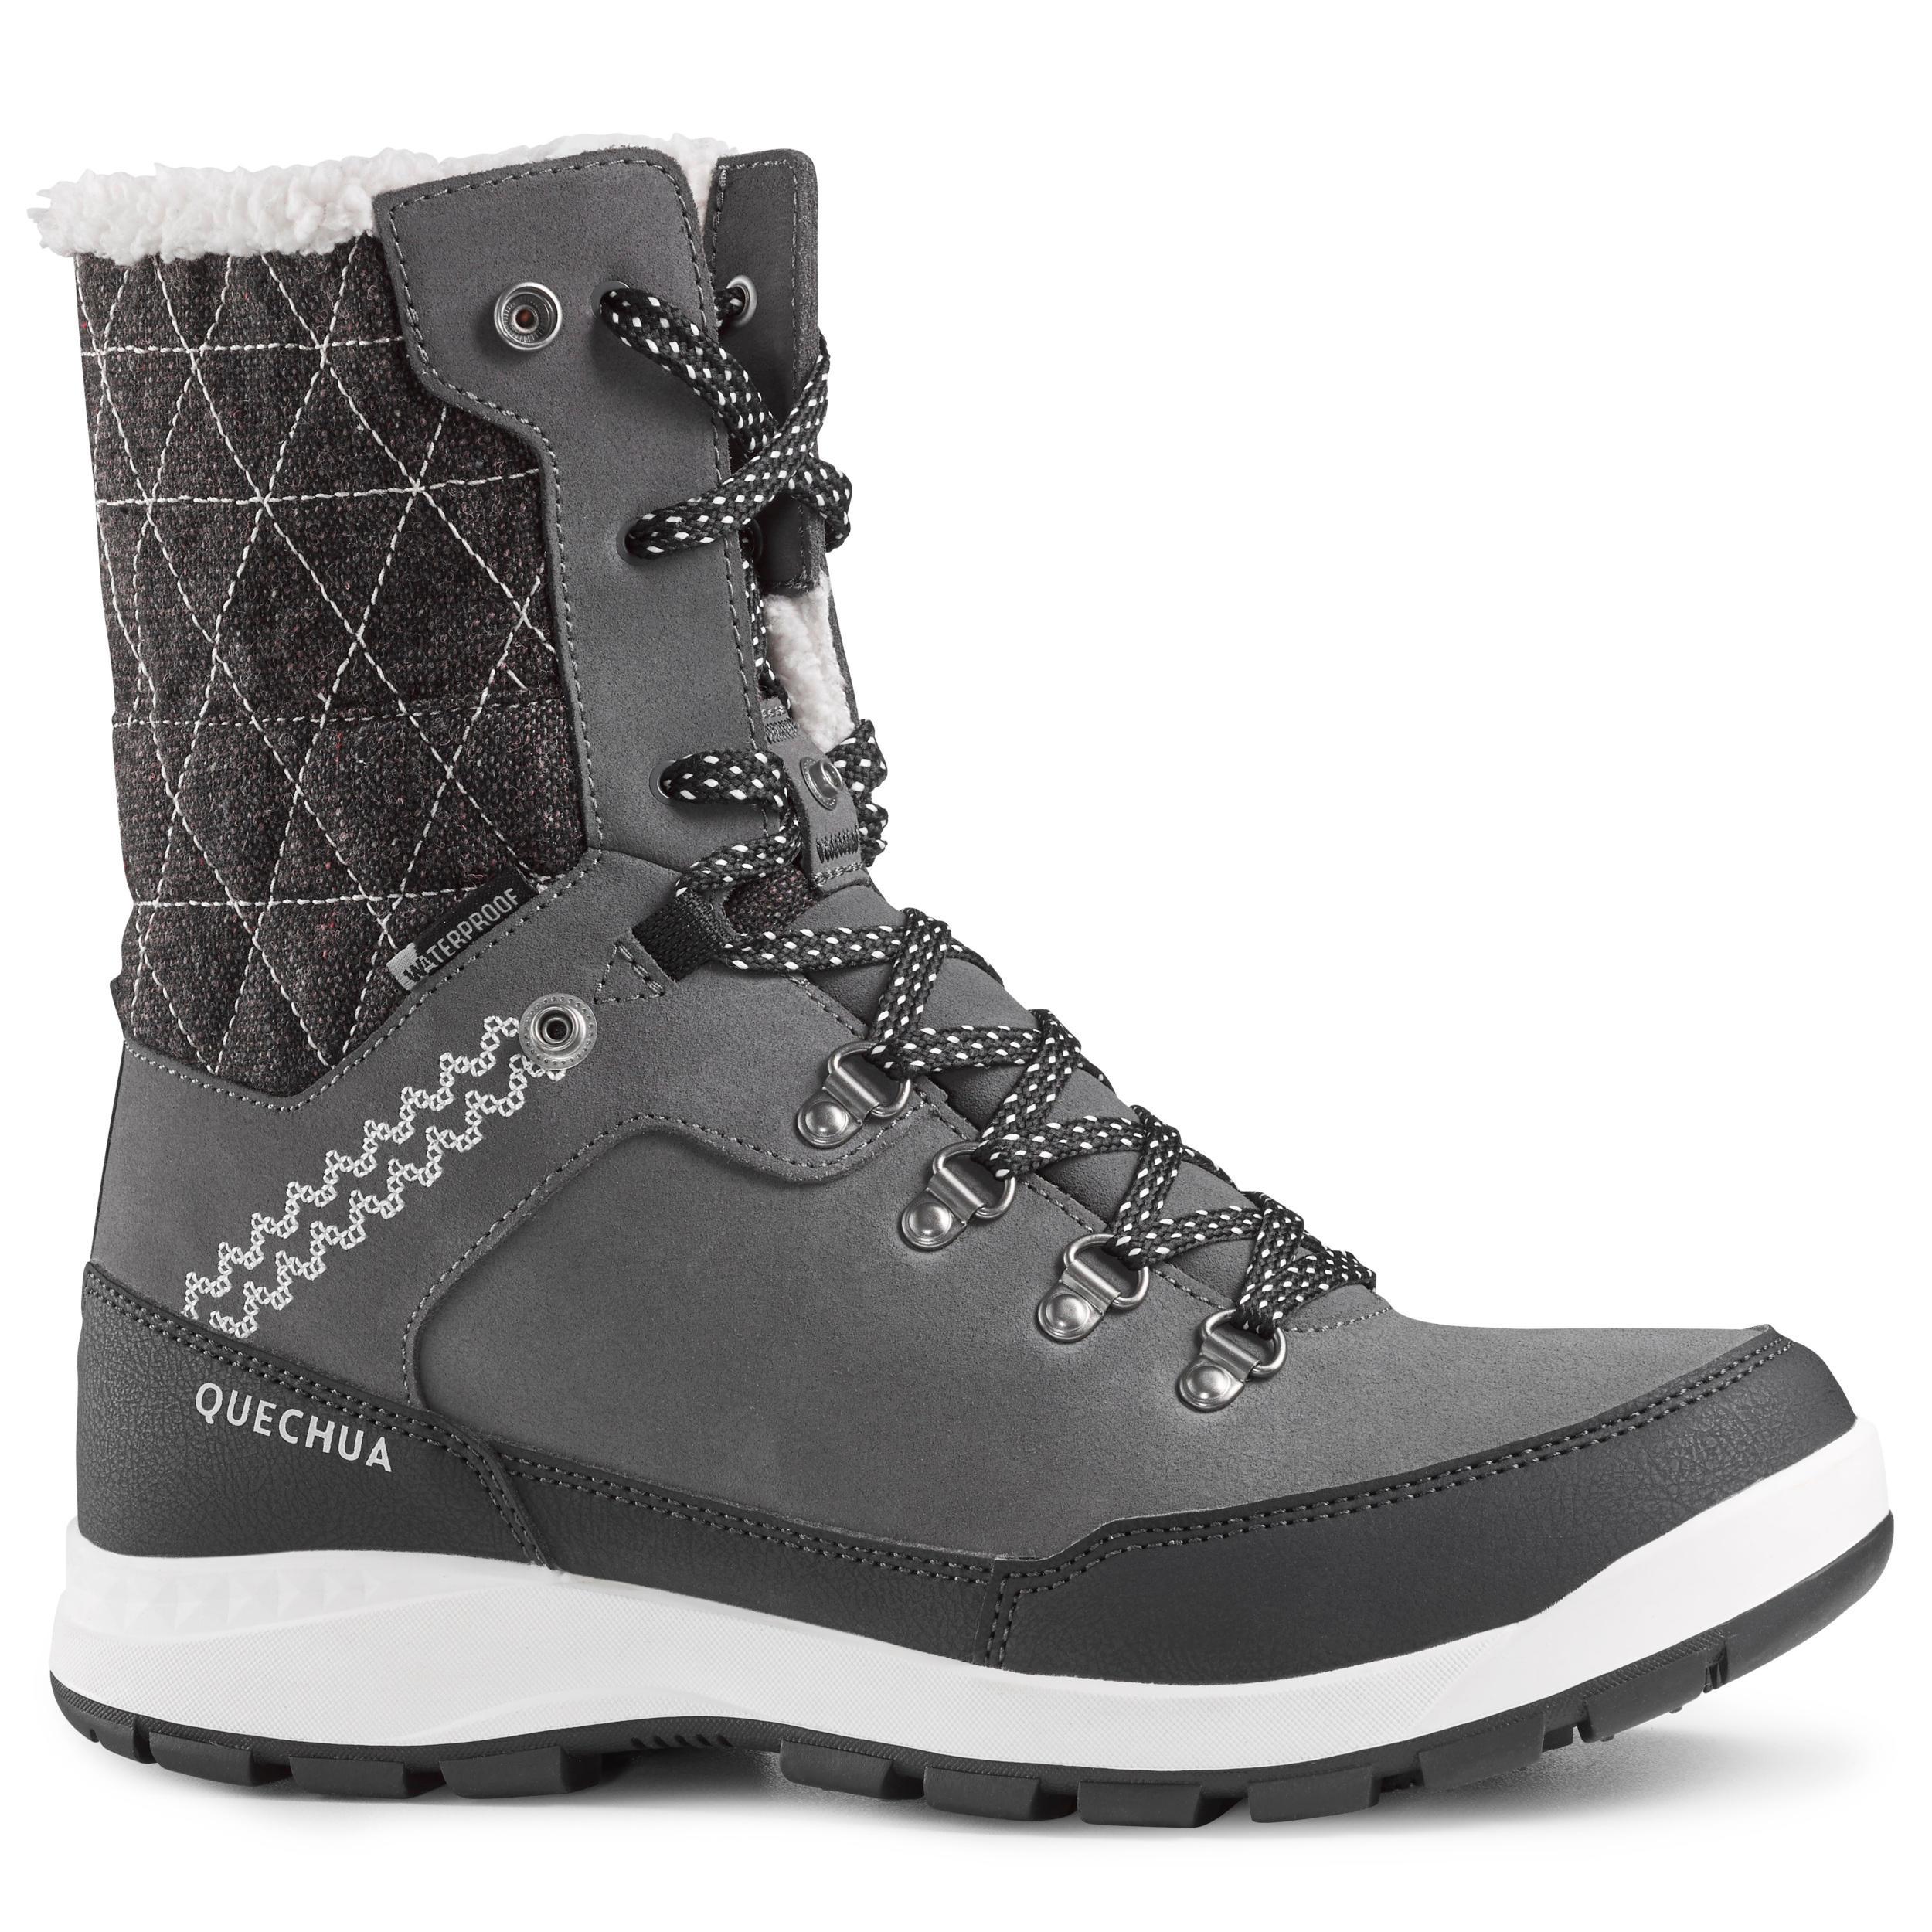 Chaussures de randonnée neige femme SH500 x,warm high bleu